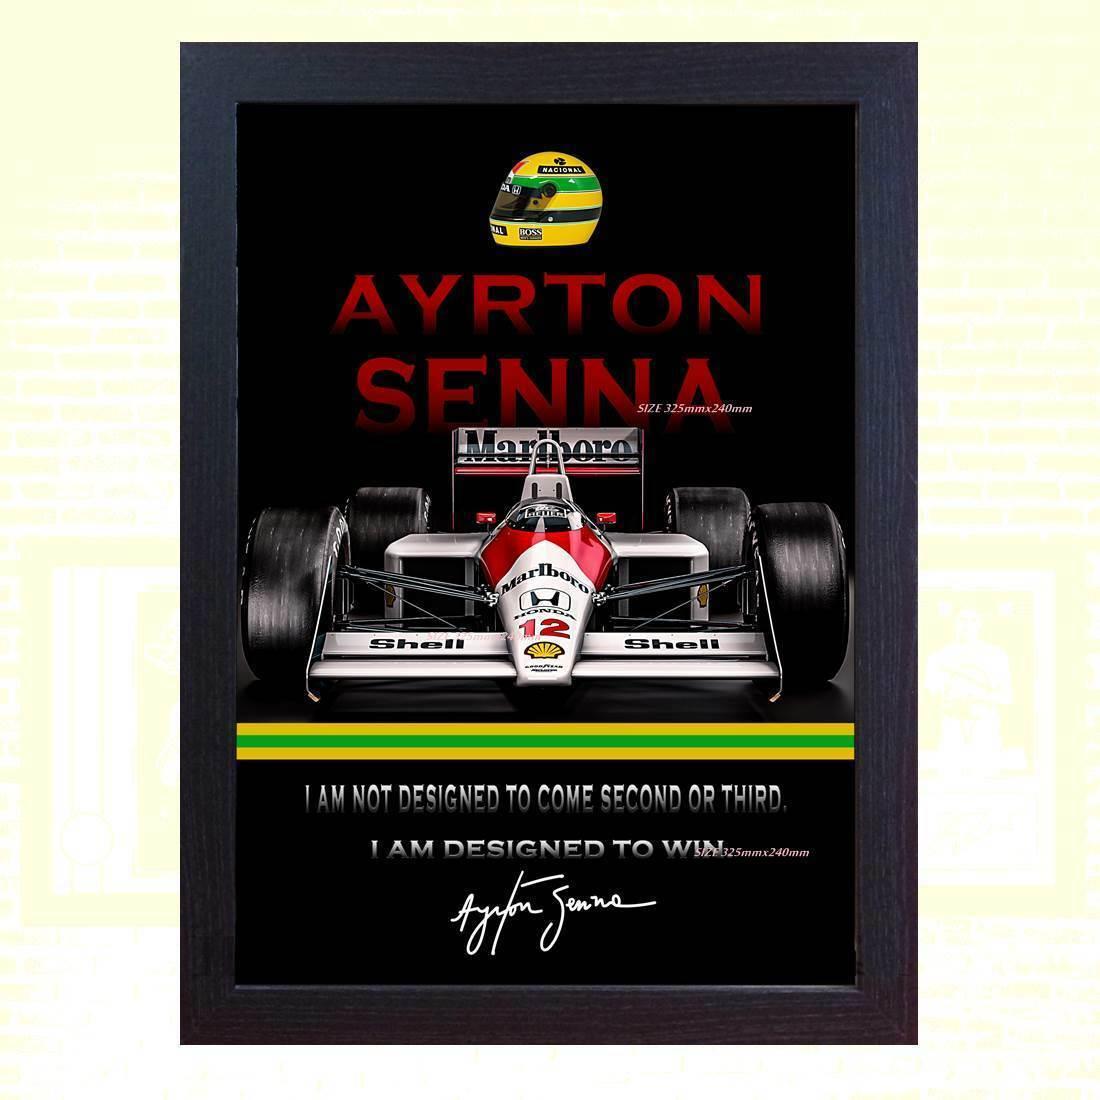 海外 限定 送料込み アイルトン・セナ F1 フレームディスプレイ 複製サイン_画像1